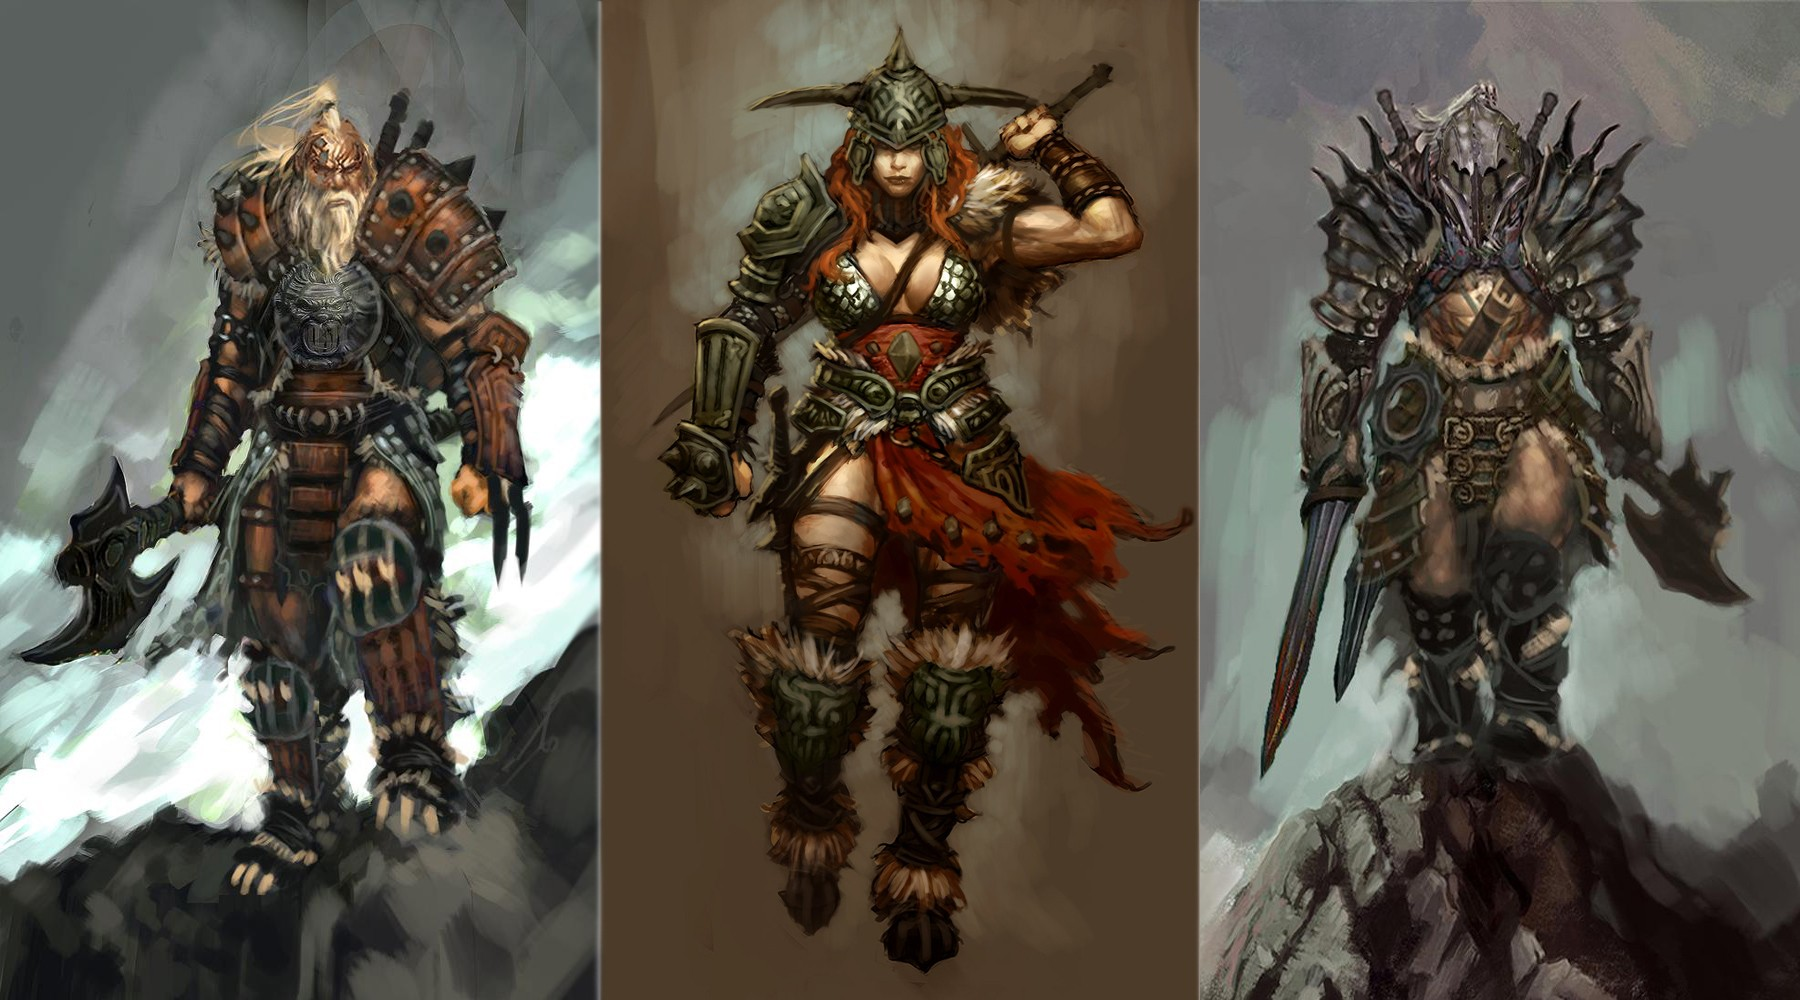 Diablo Barbarian Wallpaper 1800x1000 Diablo Barbarian Diablo III 1800x1000